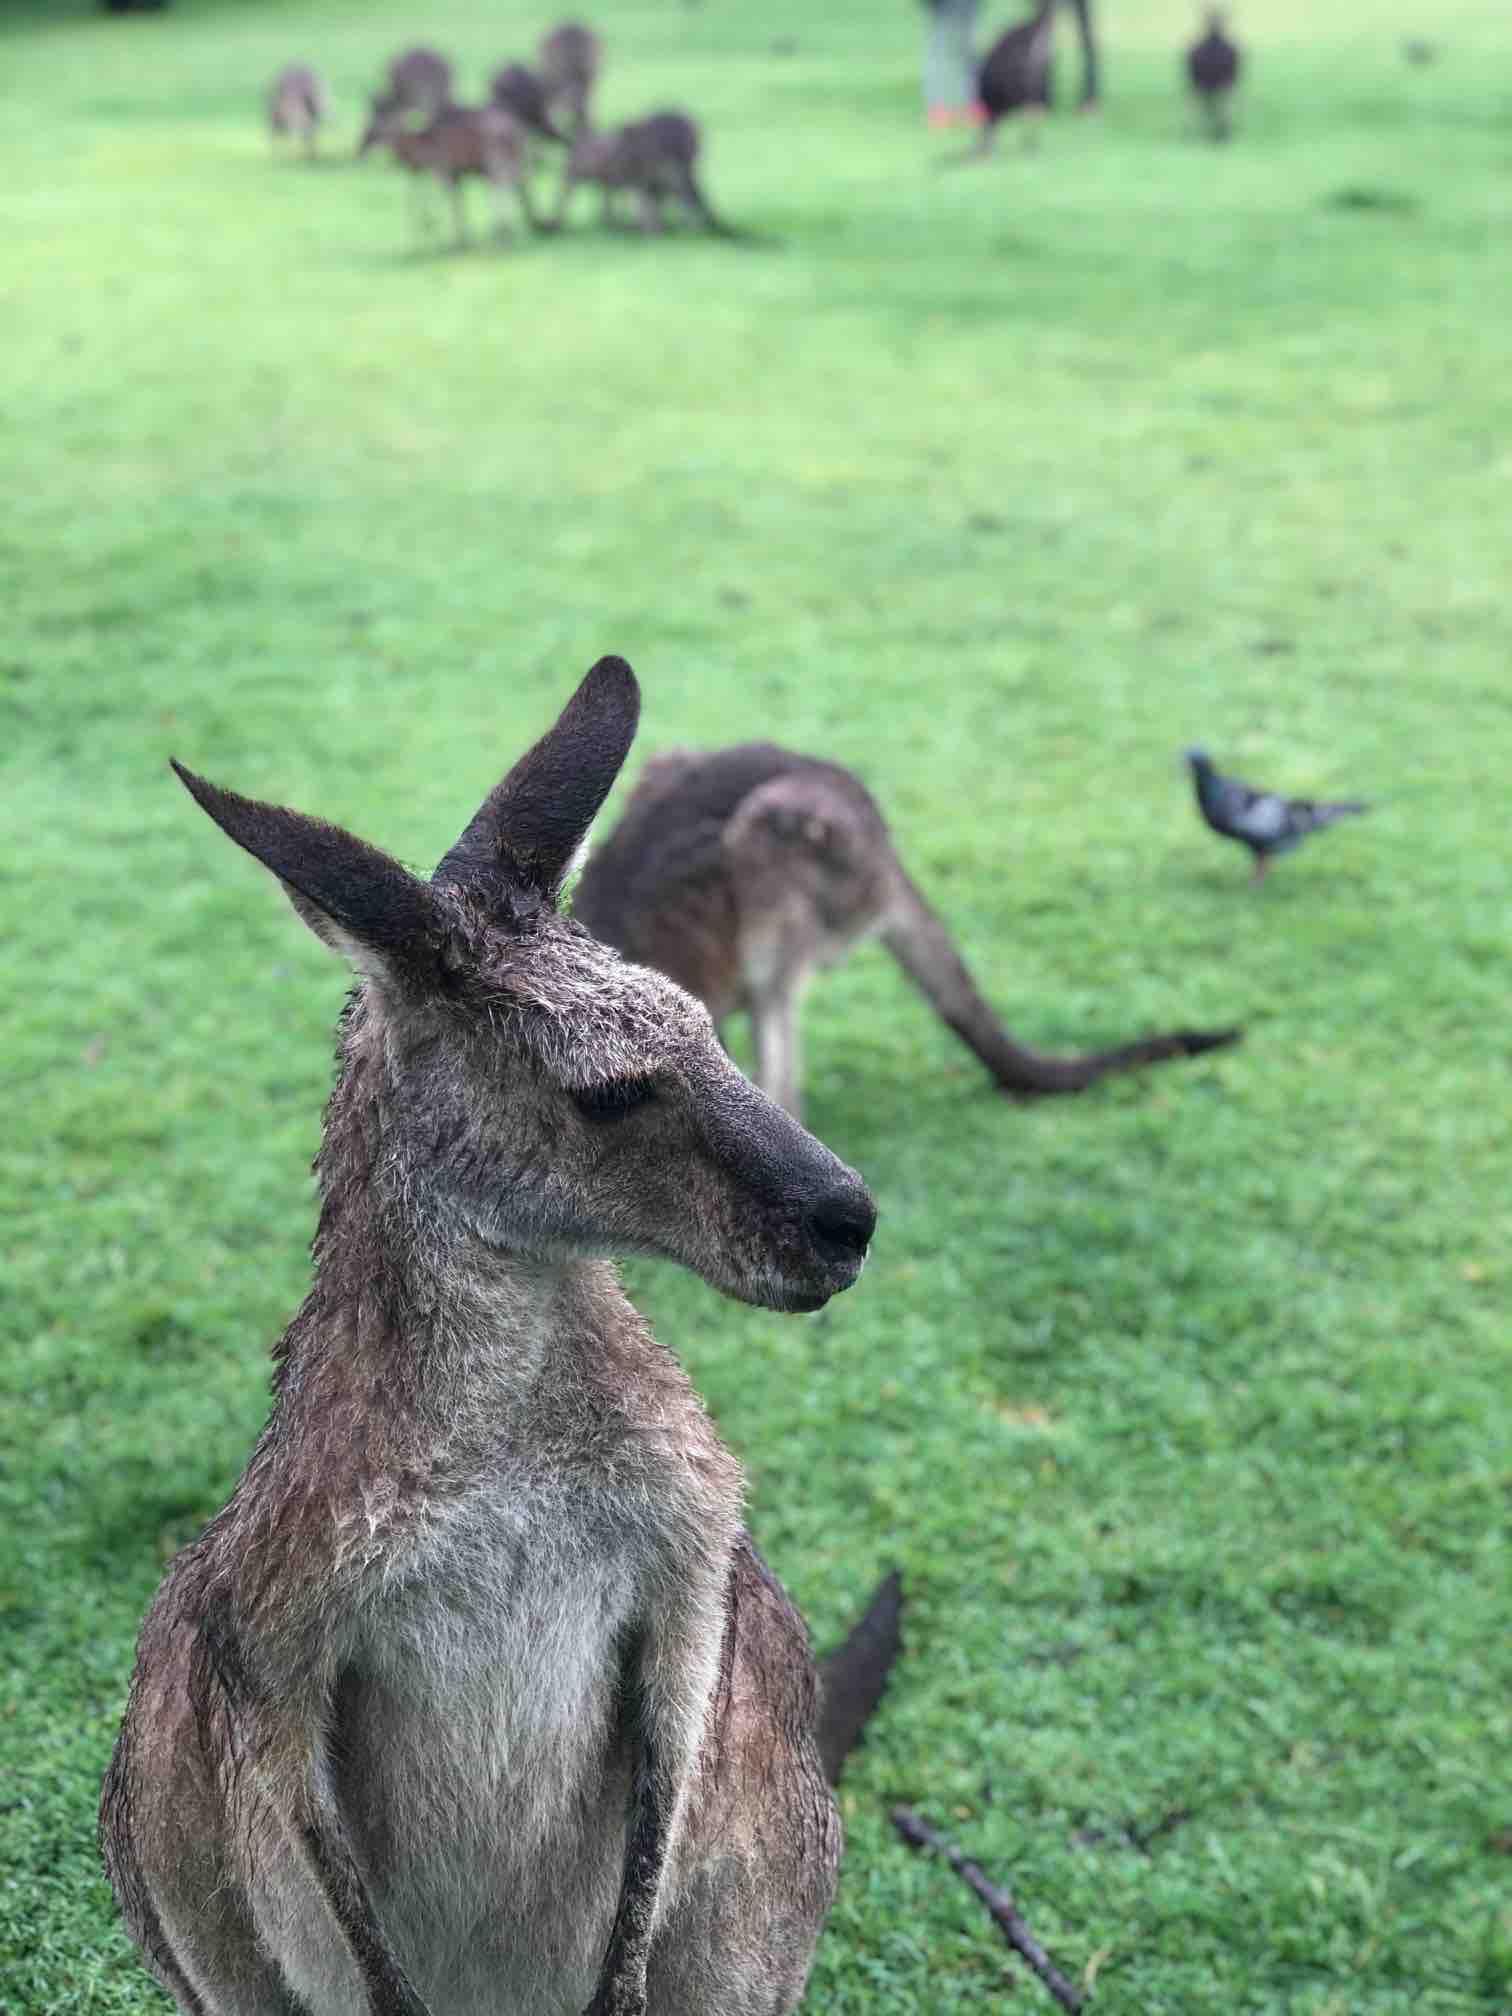 Kangaroo in Australia .jpg